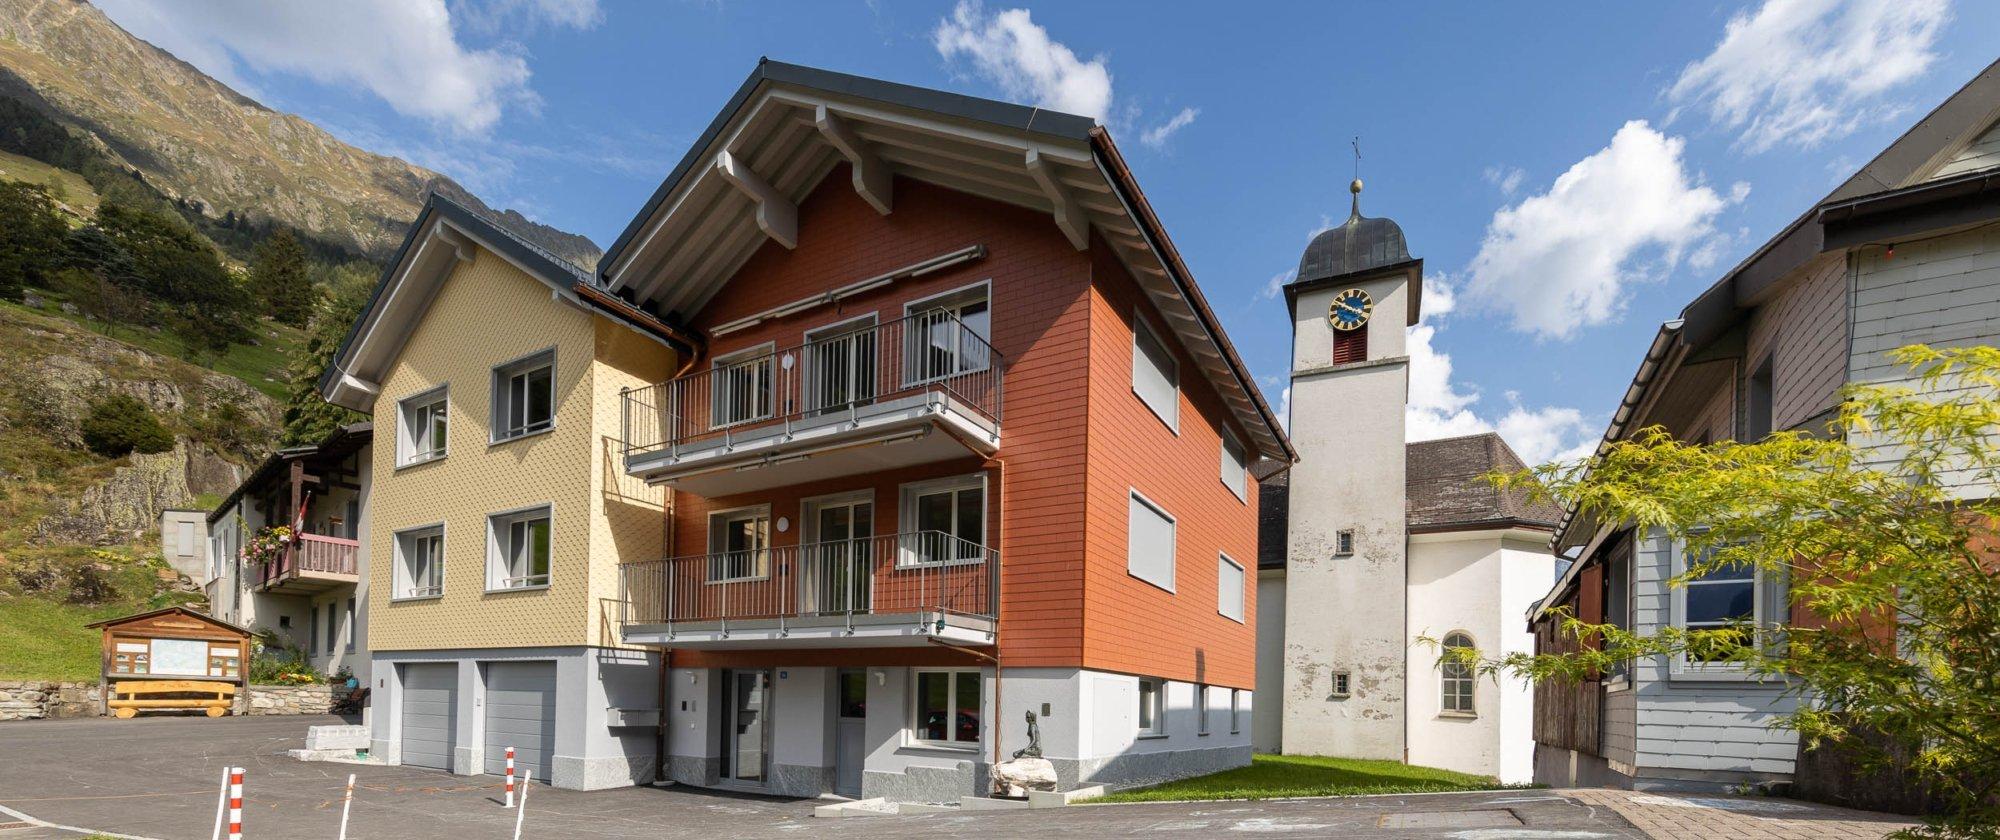 Aussenansicht des Gebäudes an prominenter Lage vor der Kirche